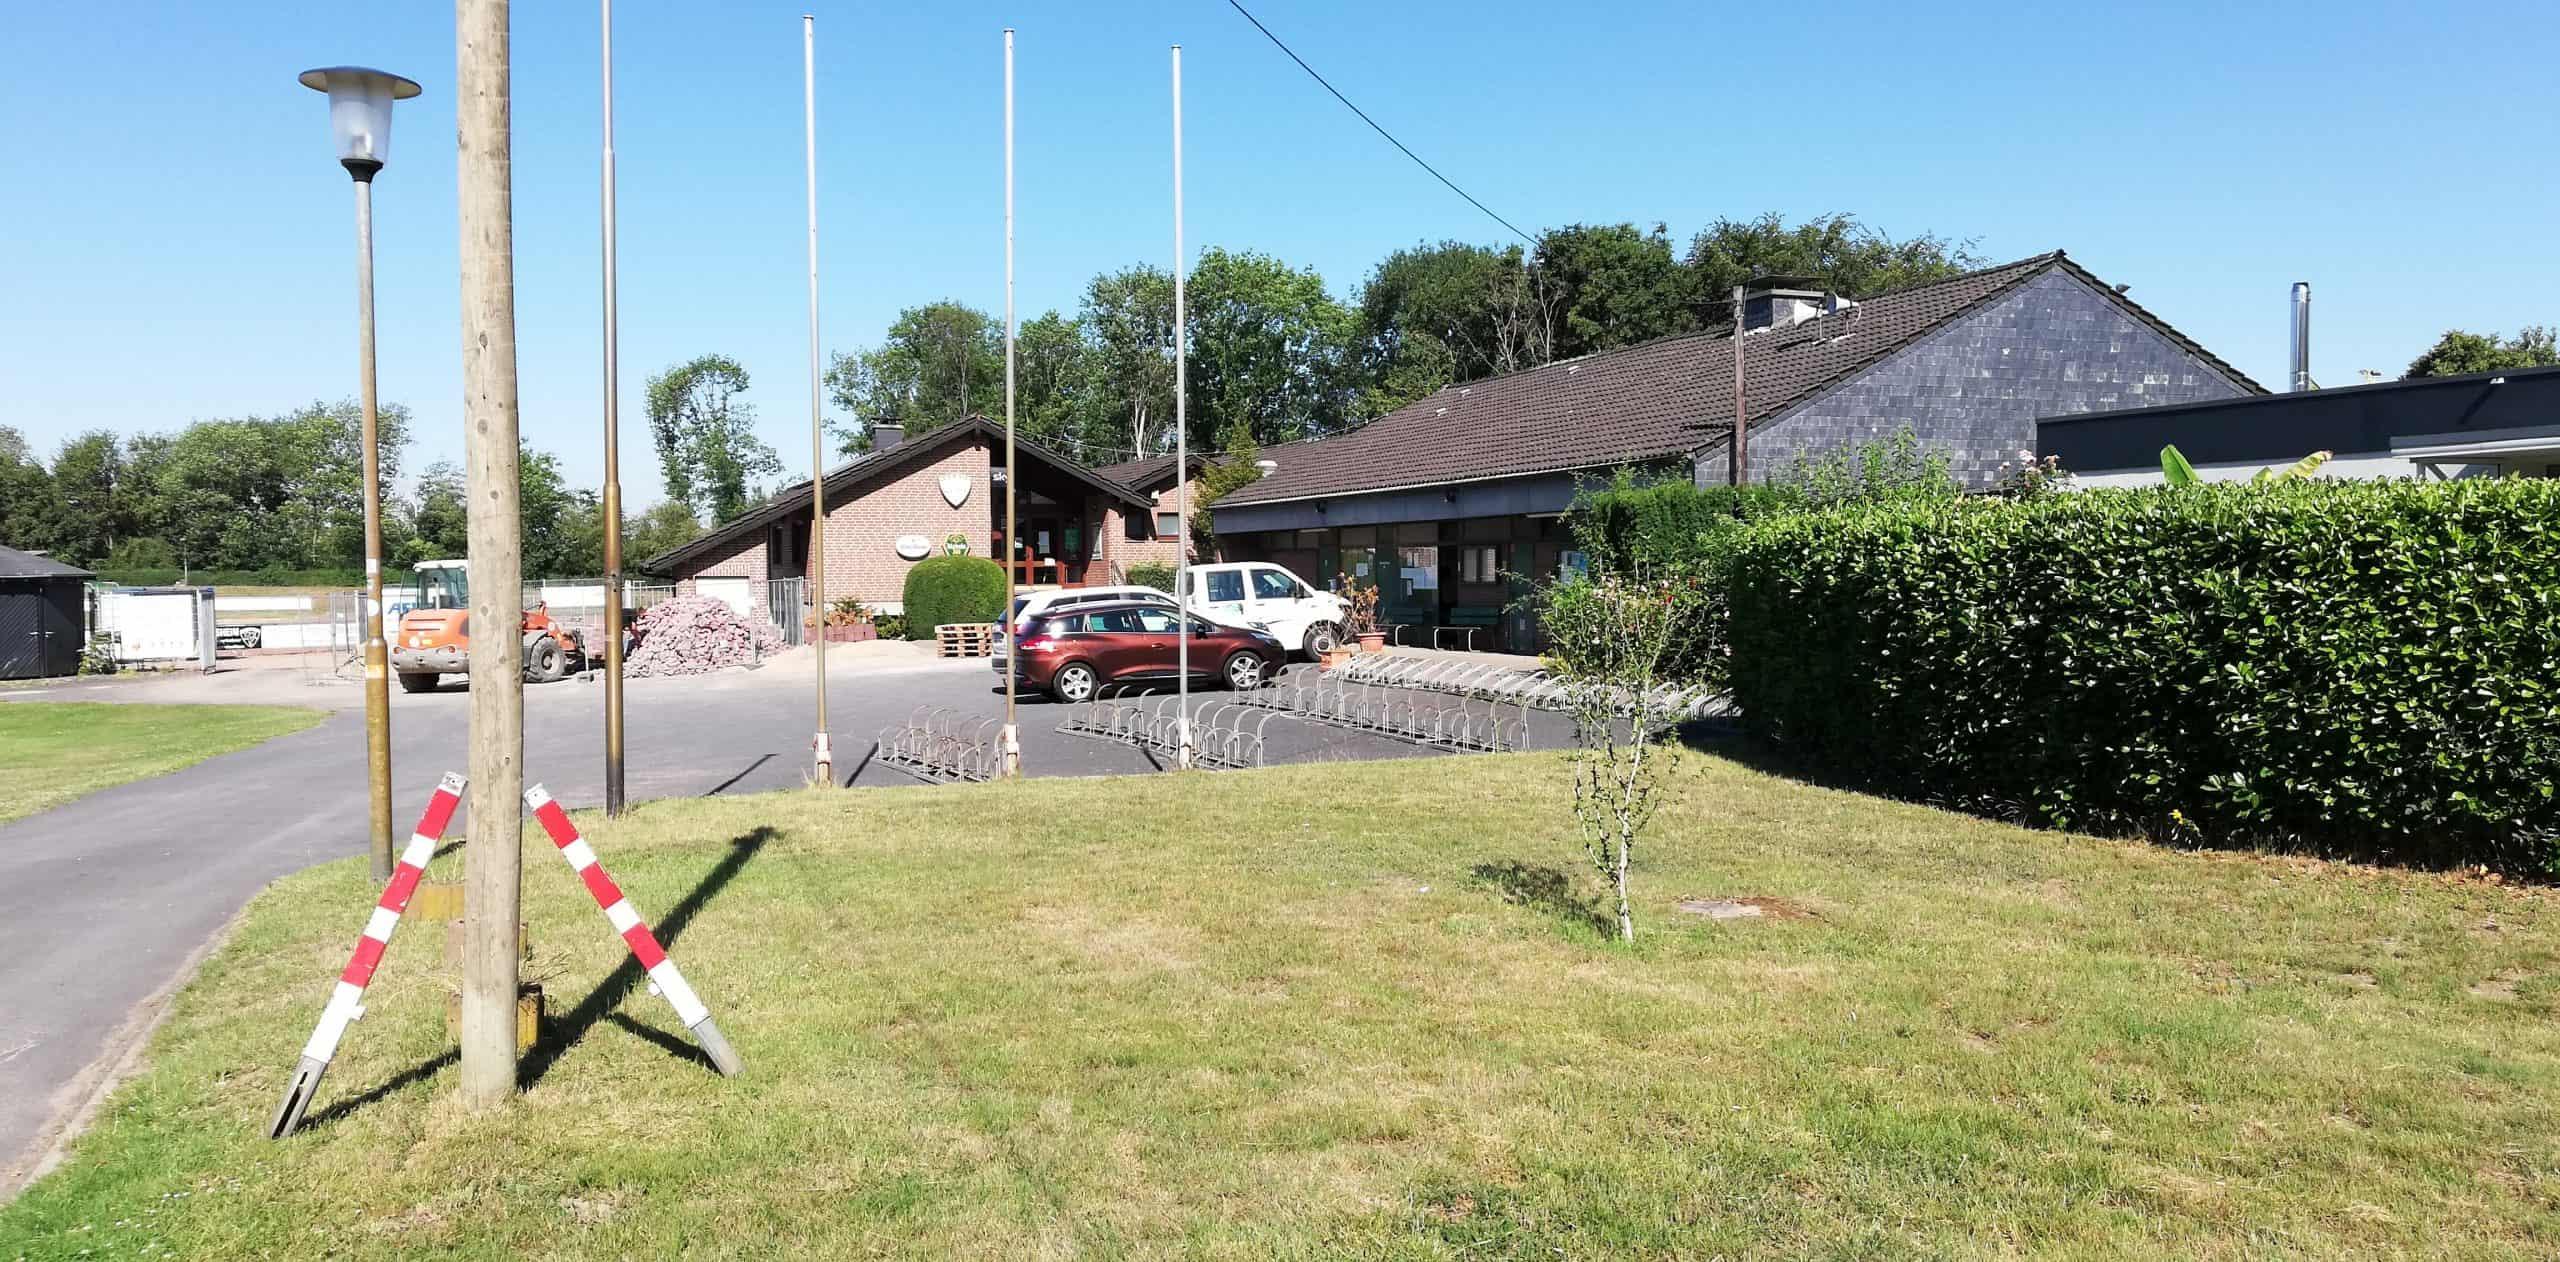 Das Bild zeigt das Vereinsheim des Sportzentrums Voerde